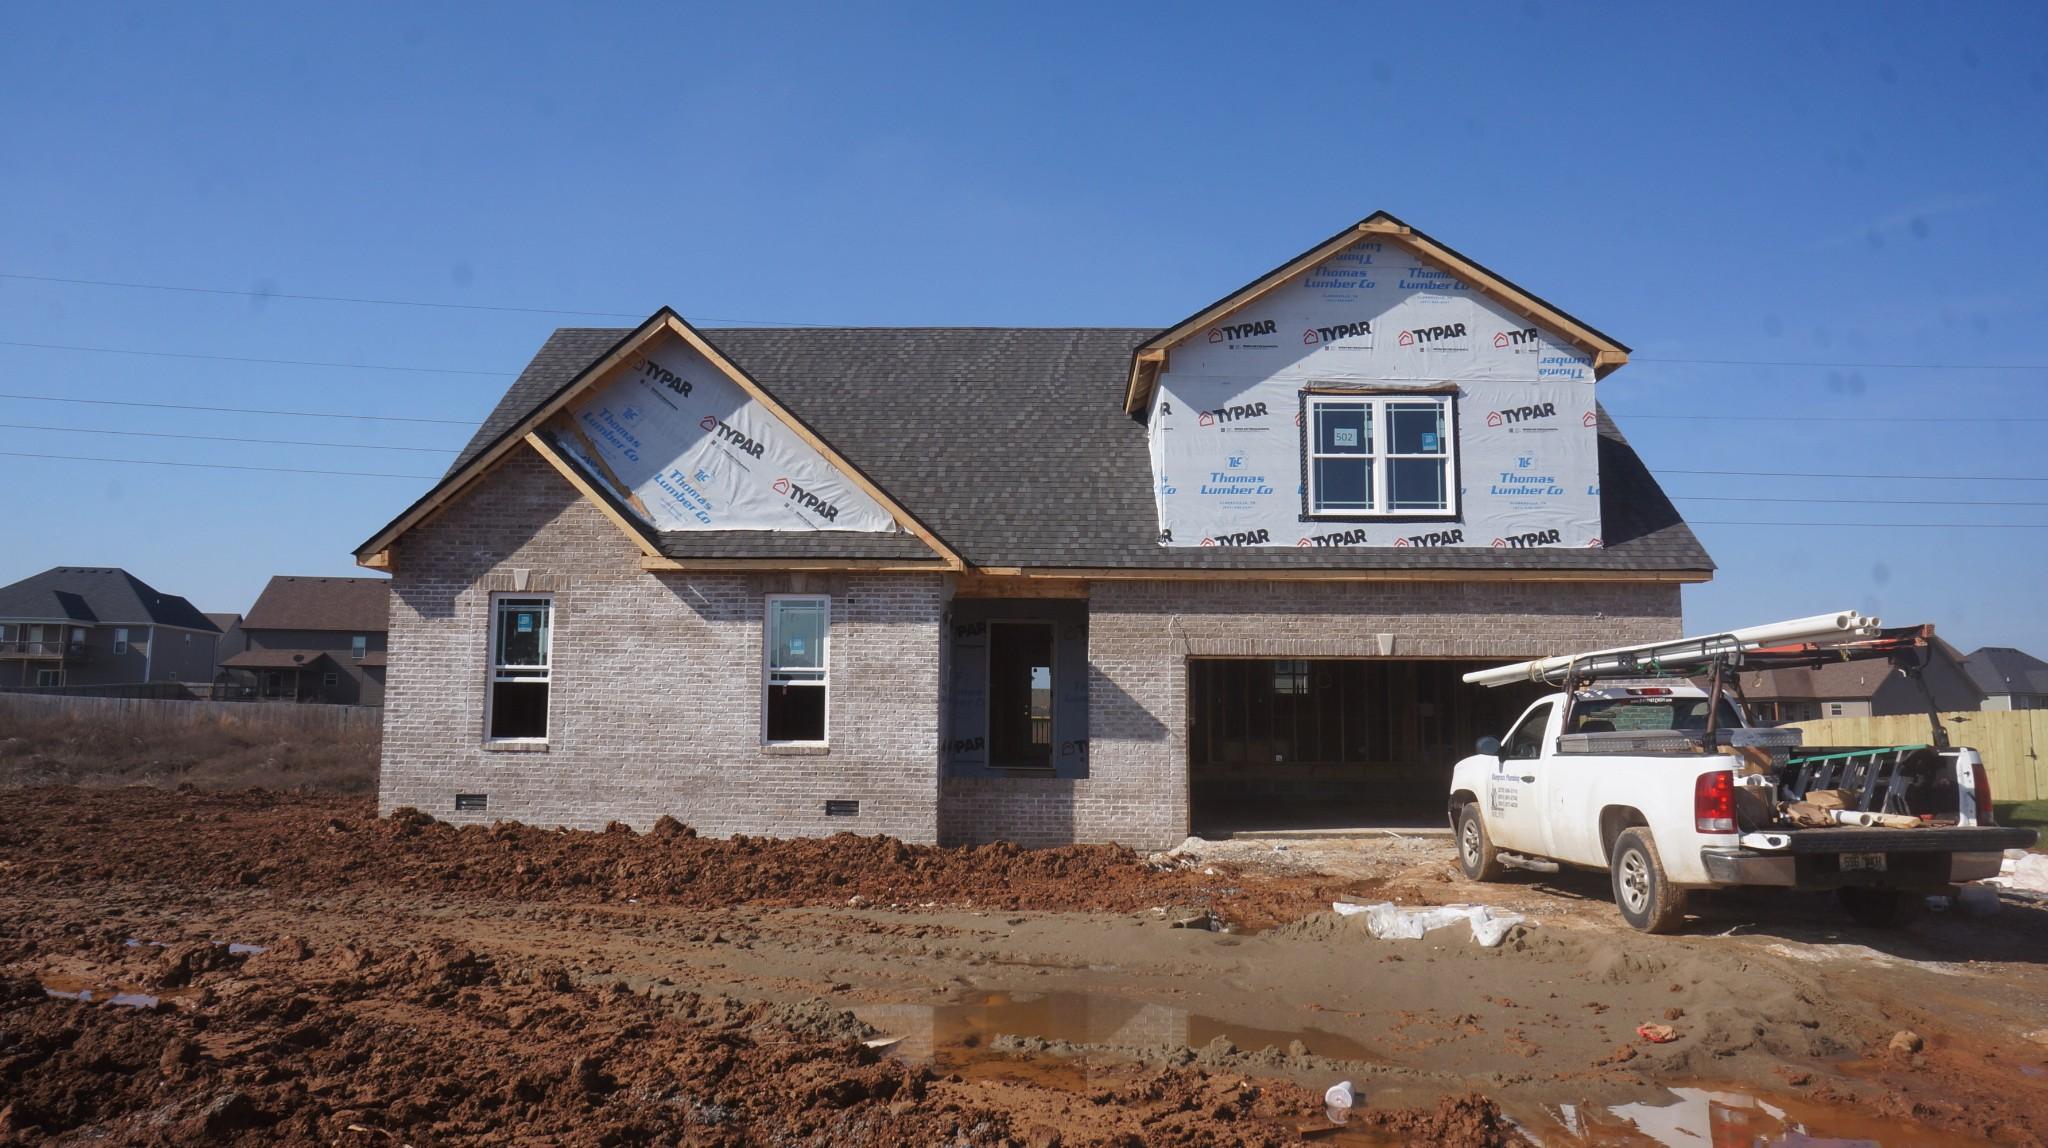 502 Autumnwood Farms , Clarksville, TN 37042 - Clarksville, TN real estate listing